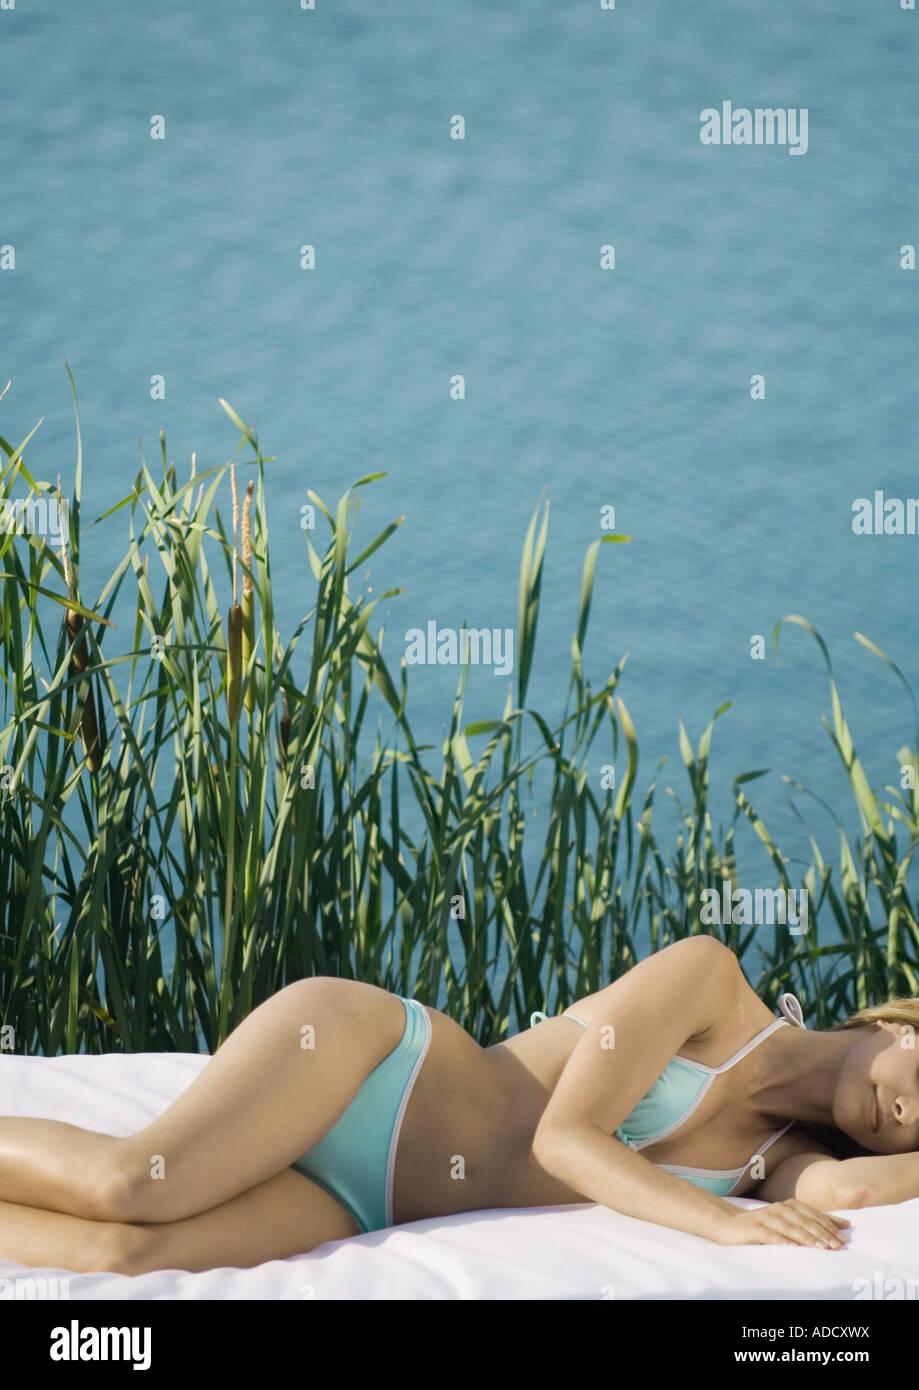 Woman in bikini lying on side, lake in background - Stock Image